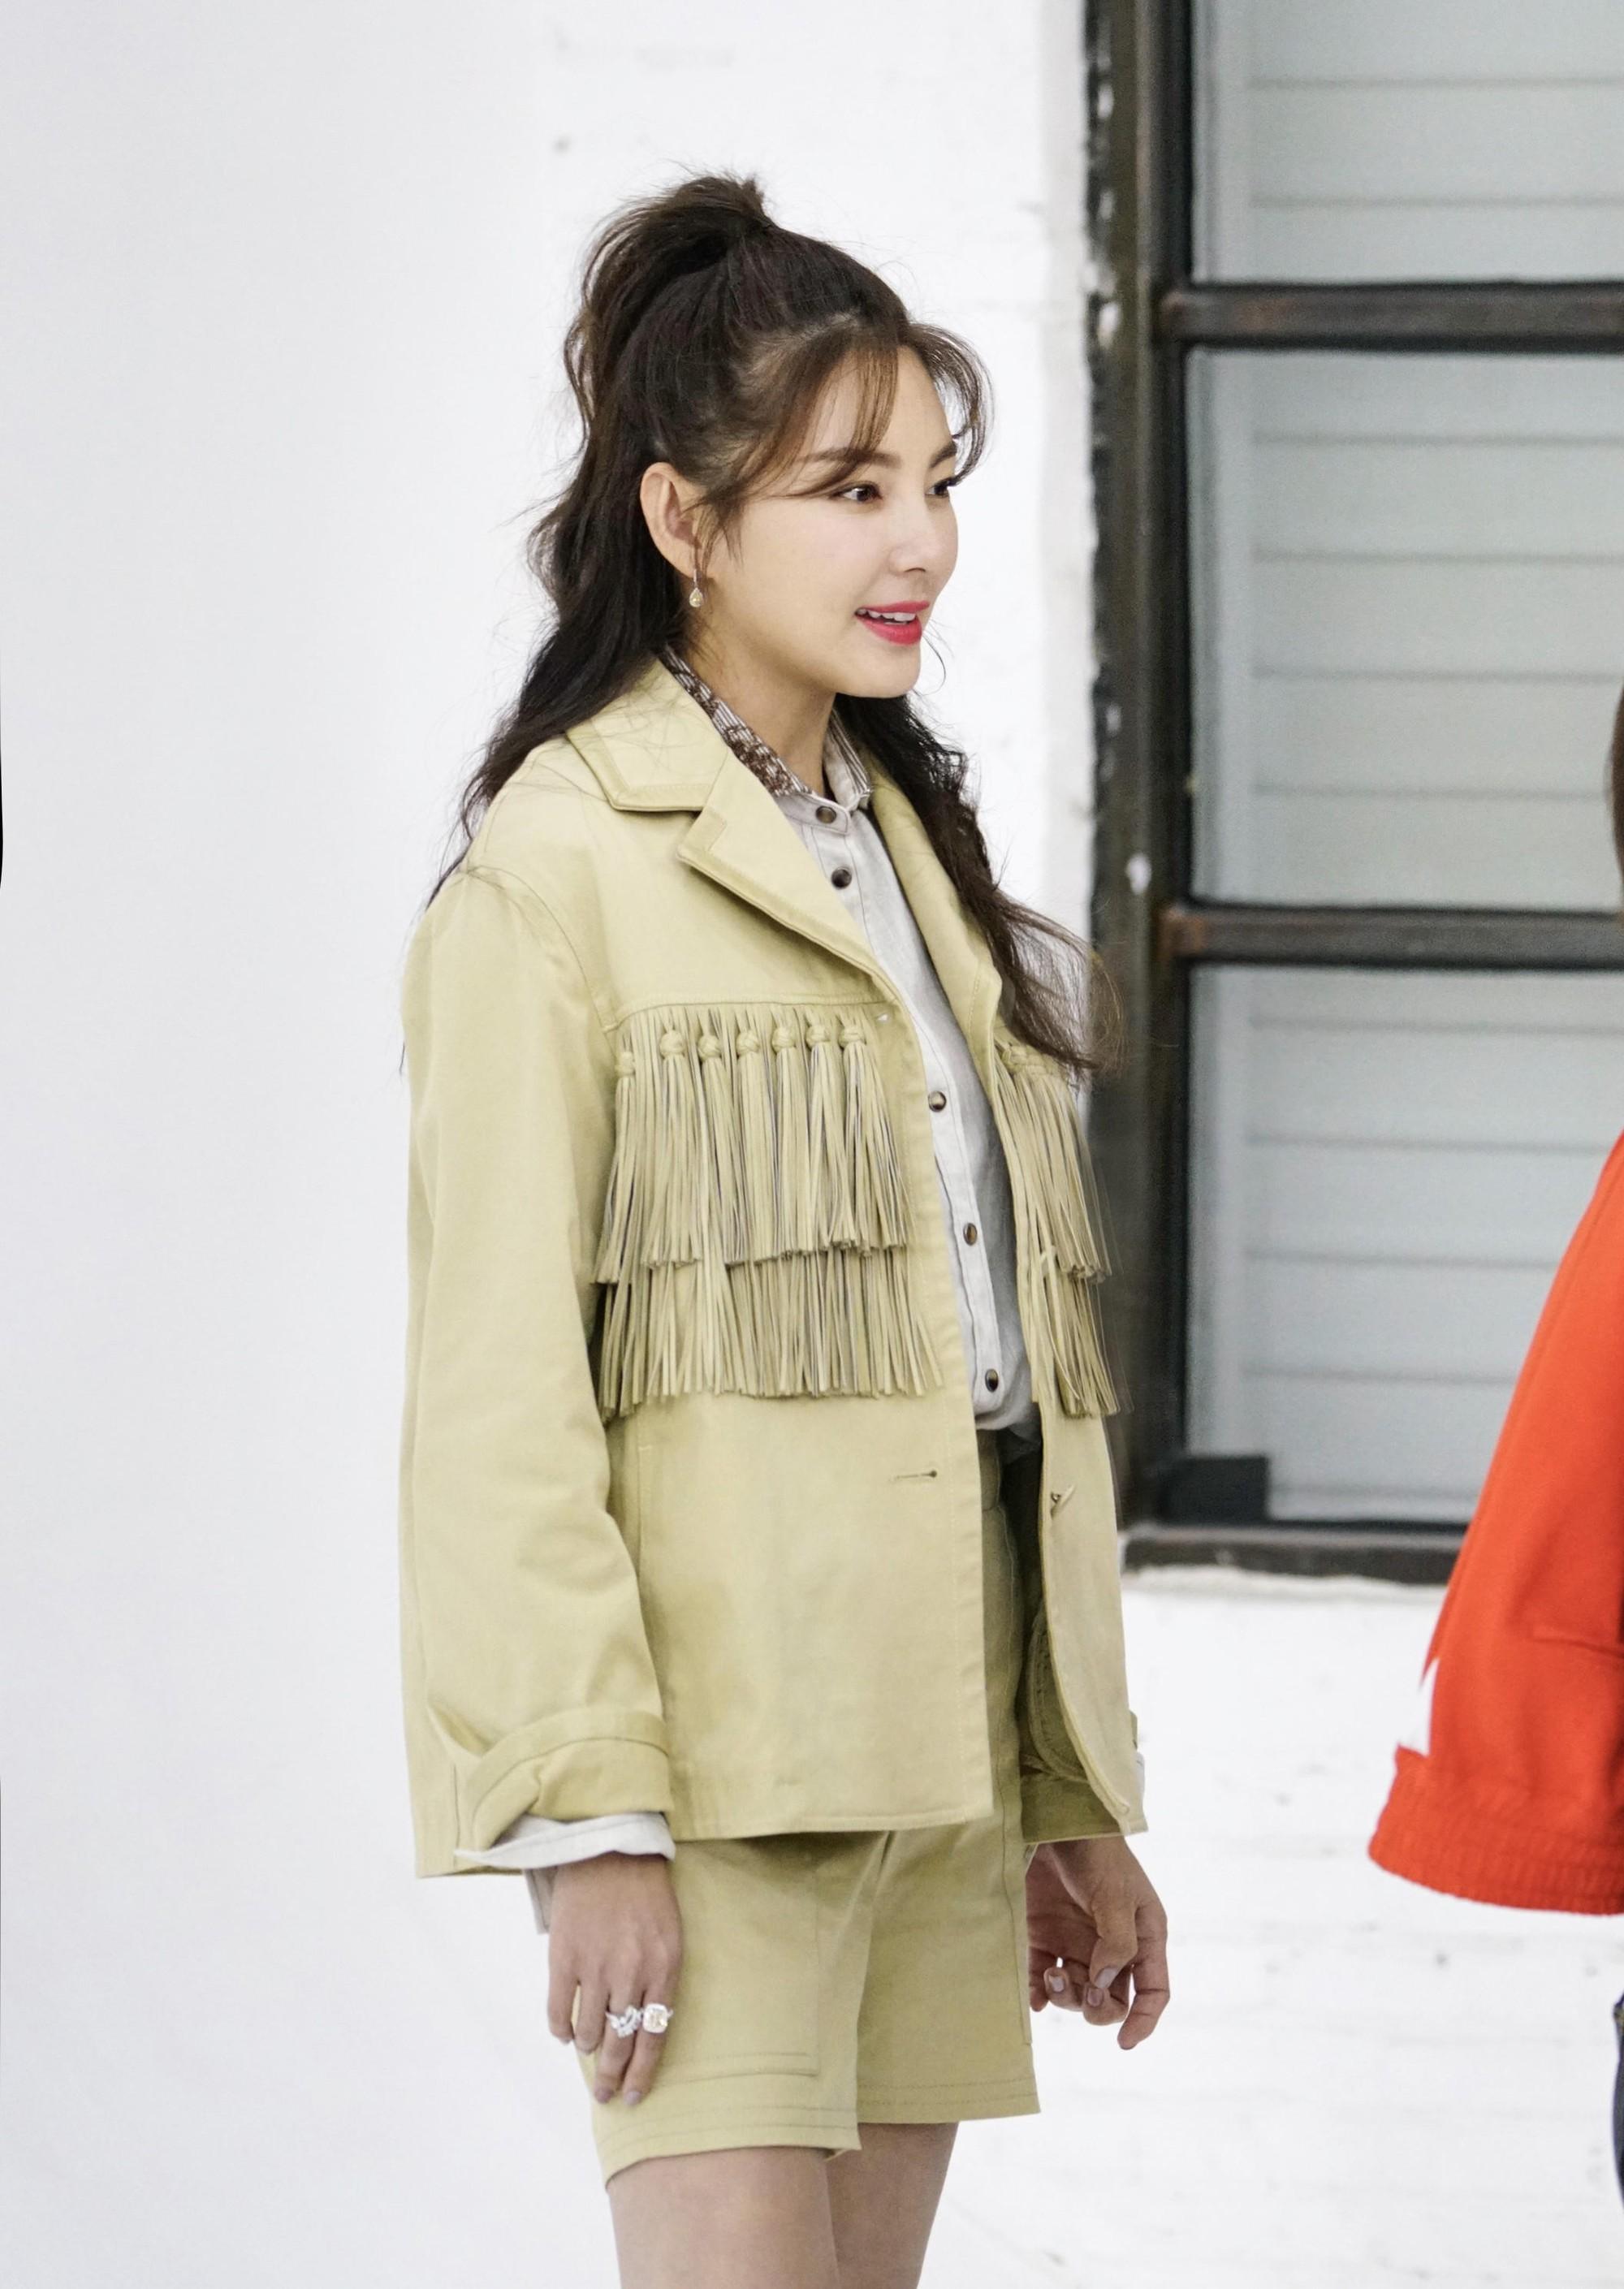 Song Hye Kyo Trung Quốc lộ nhẫn kim cương khủng, chuẩn bị cưới đại gia lần 3 sau scandal đâm chồng cũ? - Ảnh 5.